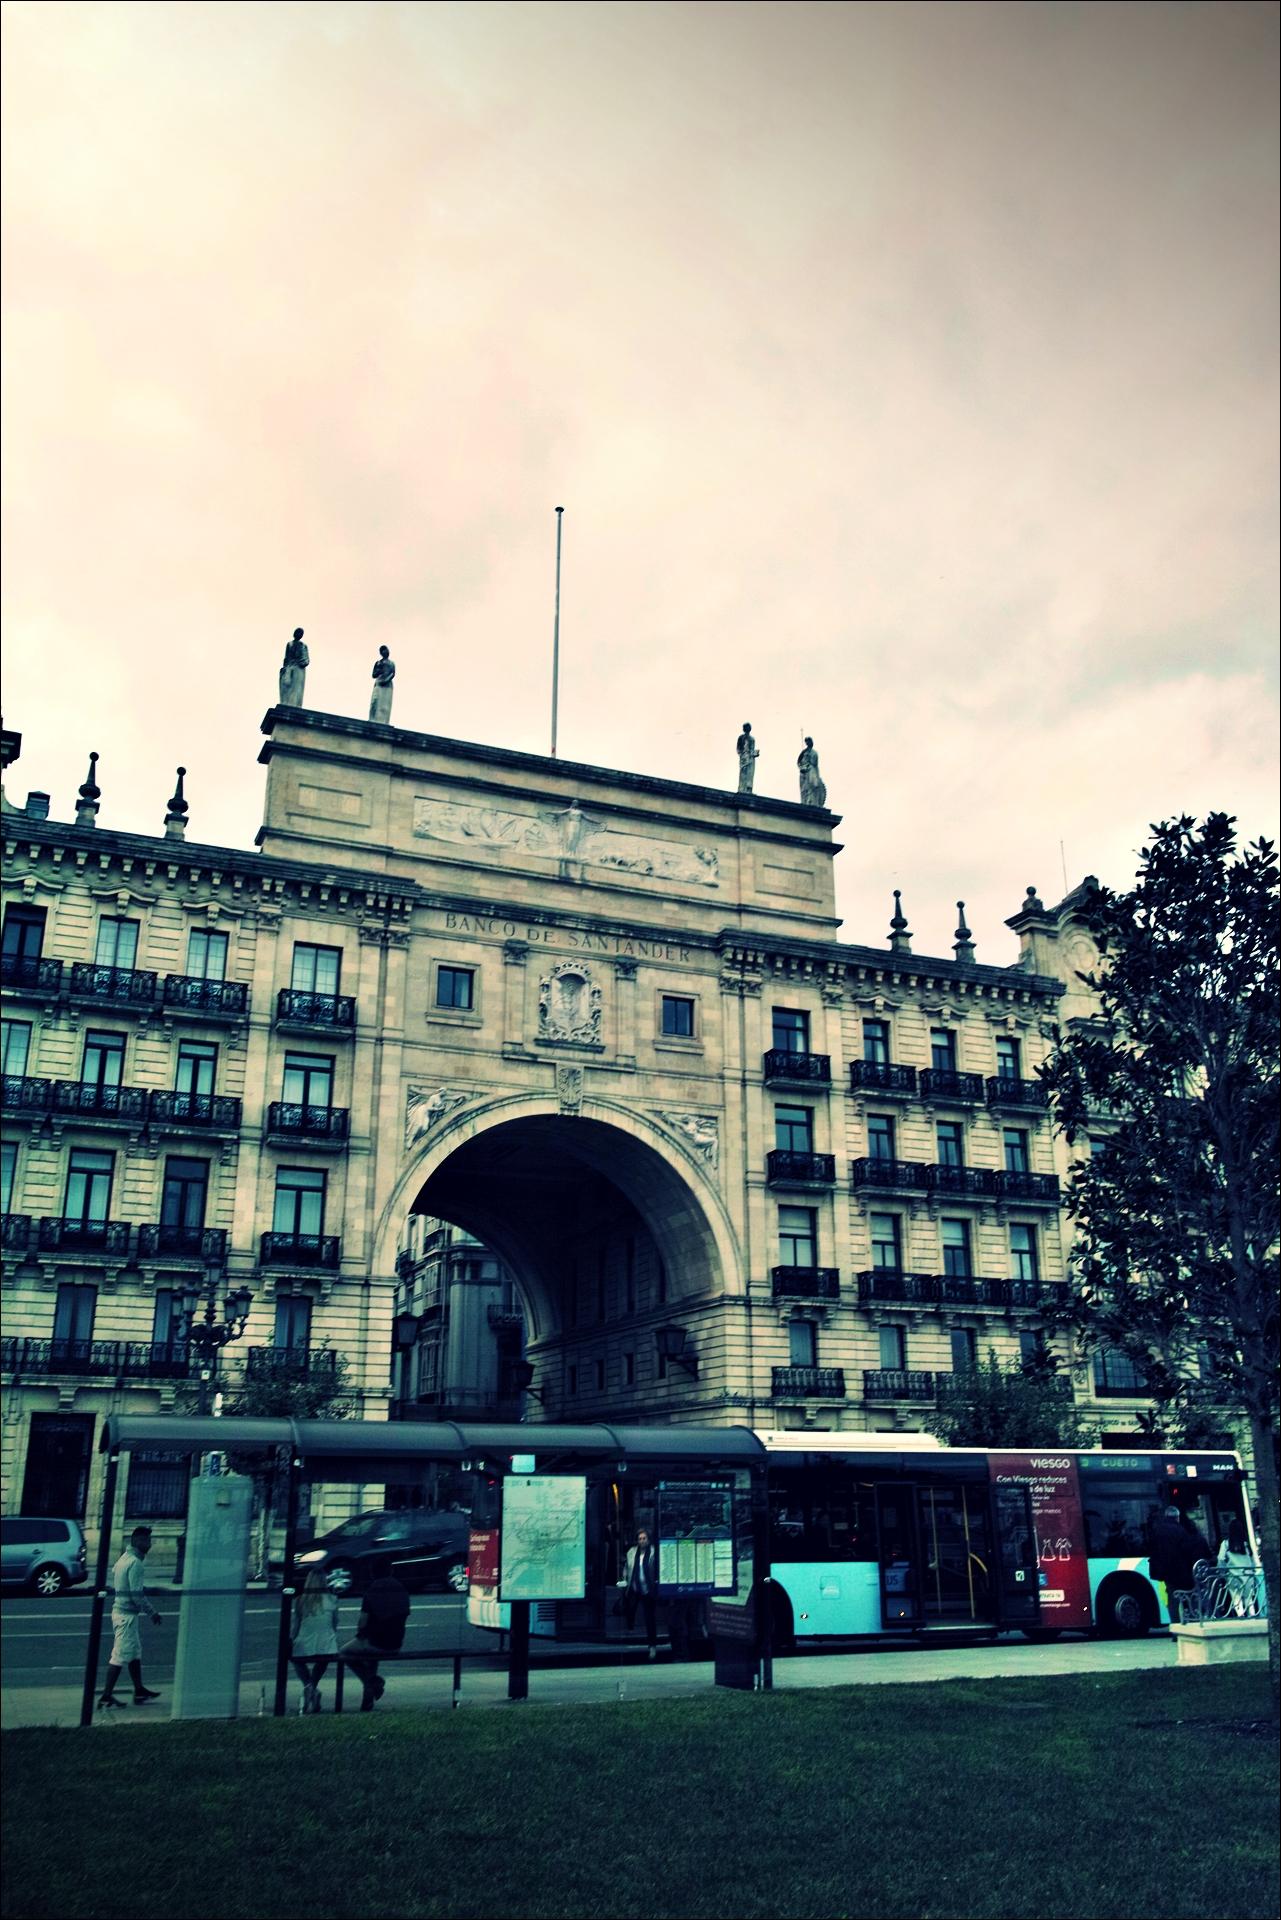 산탄데르 은행-'산탄데르 둘러보기(Sightseeing Santander)'